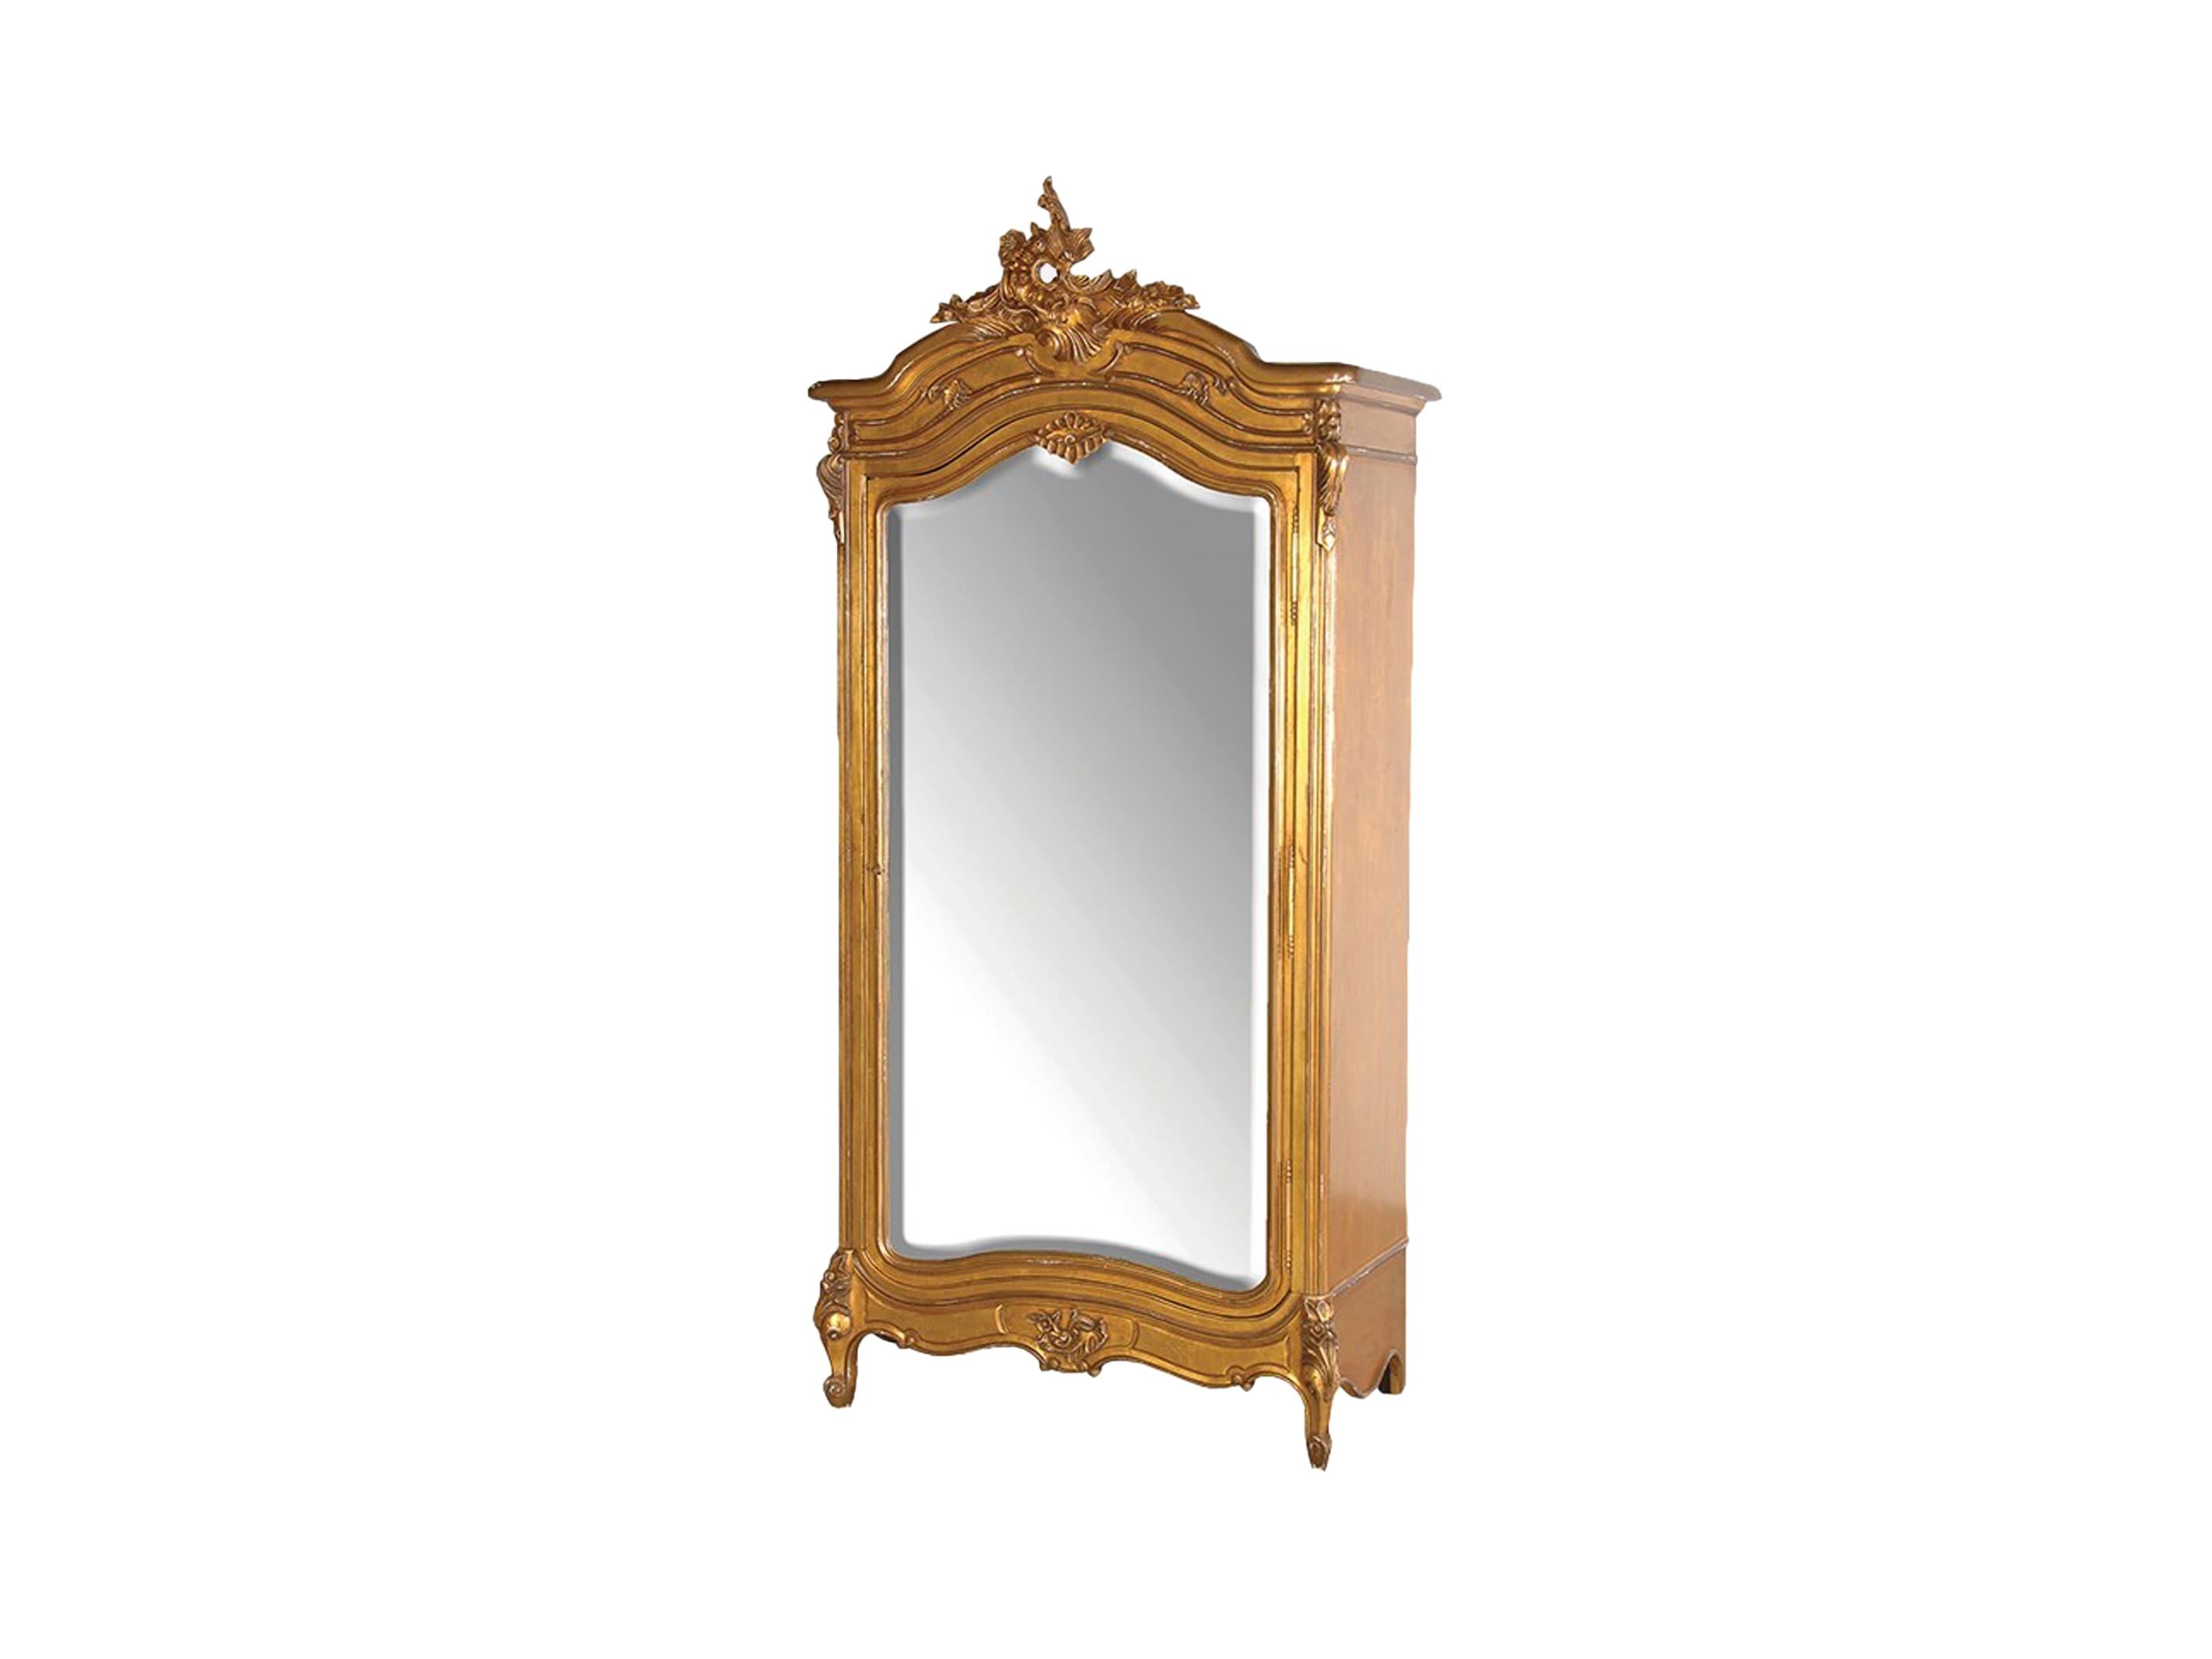 Шкаф платянойПлатяные шкафы<br>Платяной шкаф с зеркалом, декорирован резьбой ручной работы, искусственным старением и темной патиной.<br><br>Material: Красное дерево<br>Width см: 110<br>Depth см: 59<br>Height см: 238